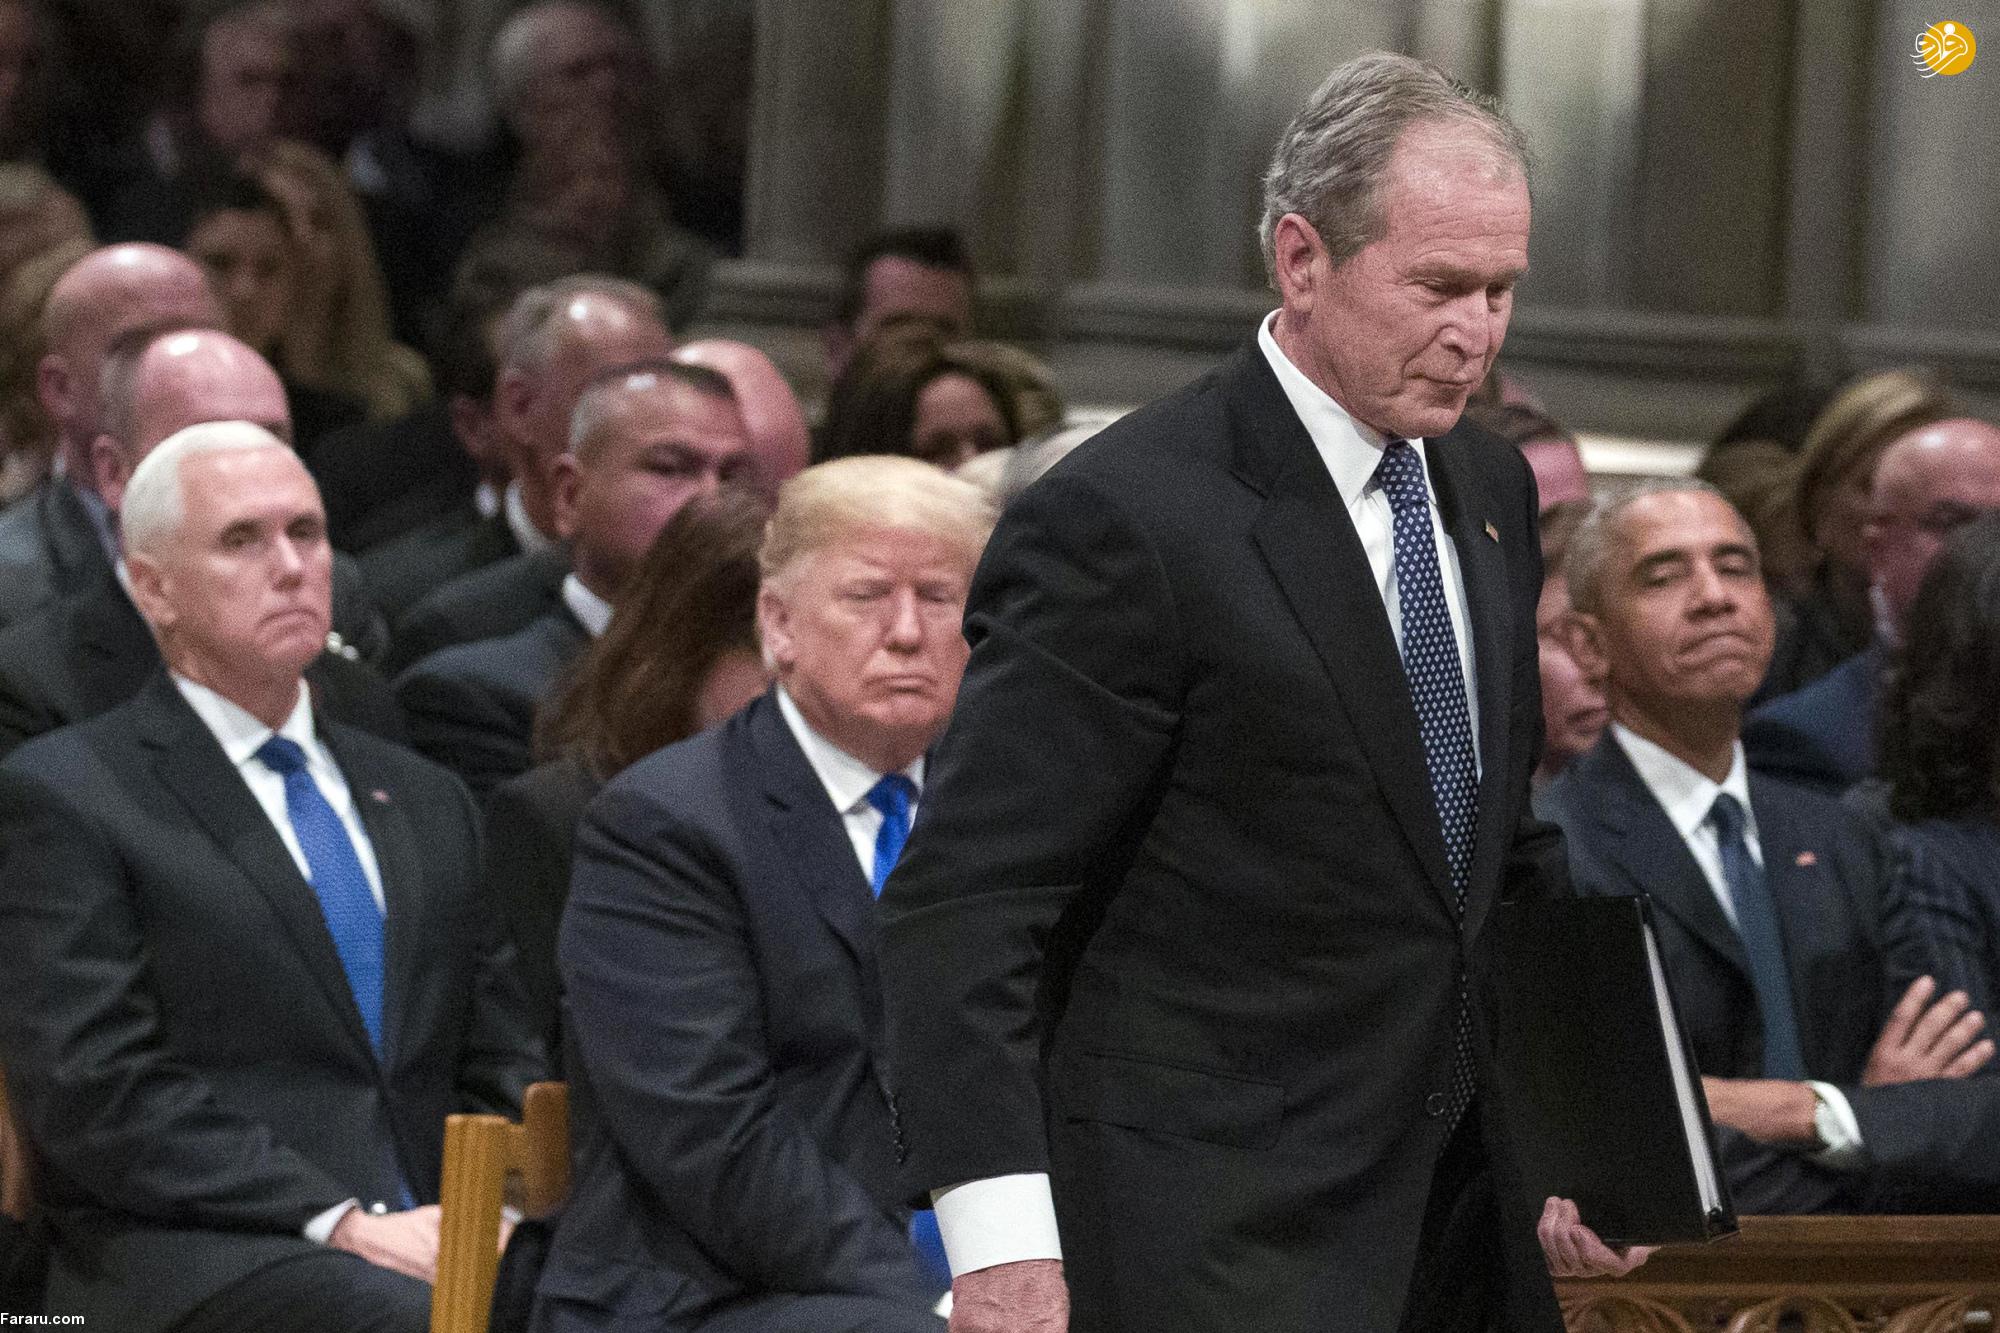 حواشی مراسم یادبود بوش پدر؛ نگاه عجیب هیلاری به ترامپ و بی اعتنایی ملانیا به میشل اوباما